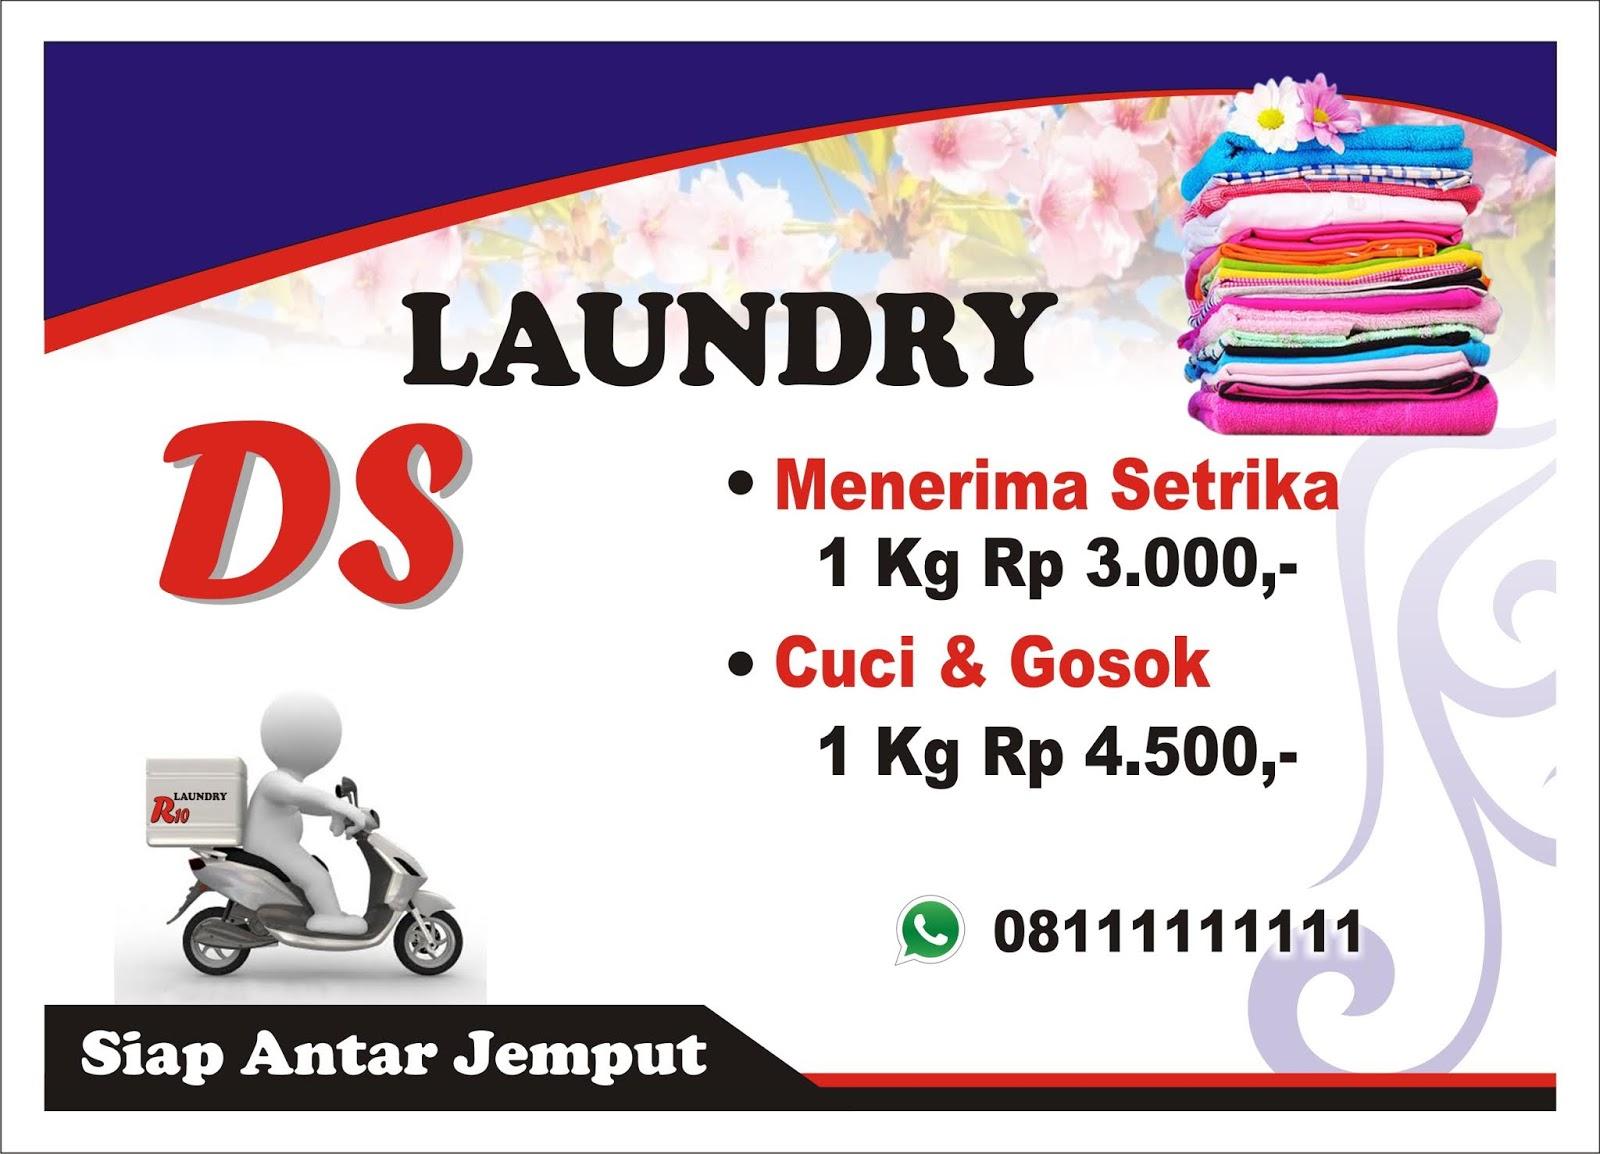 Contoh Brosur Laundry Sederhana Kumpulan Soal Pelajaran 9